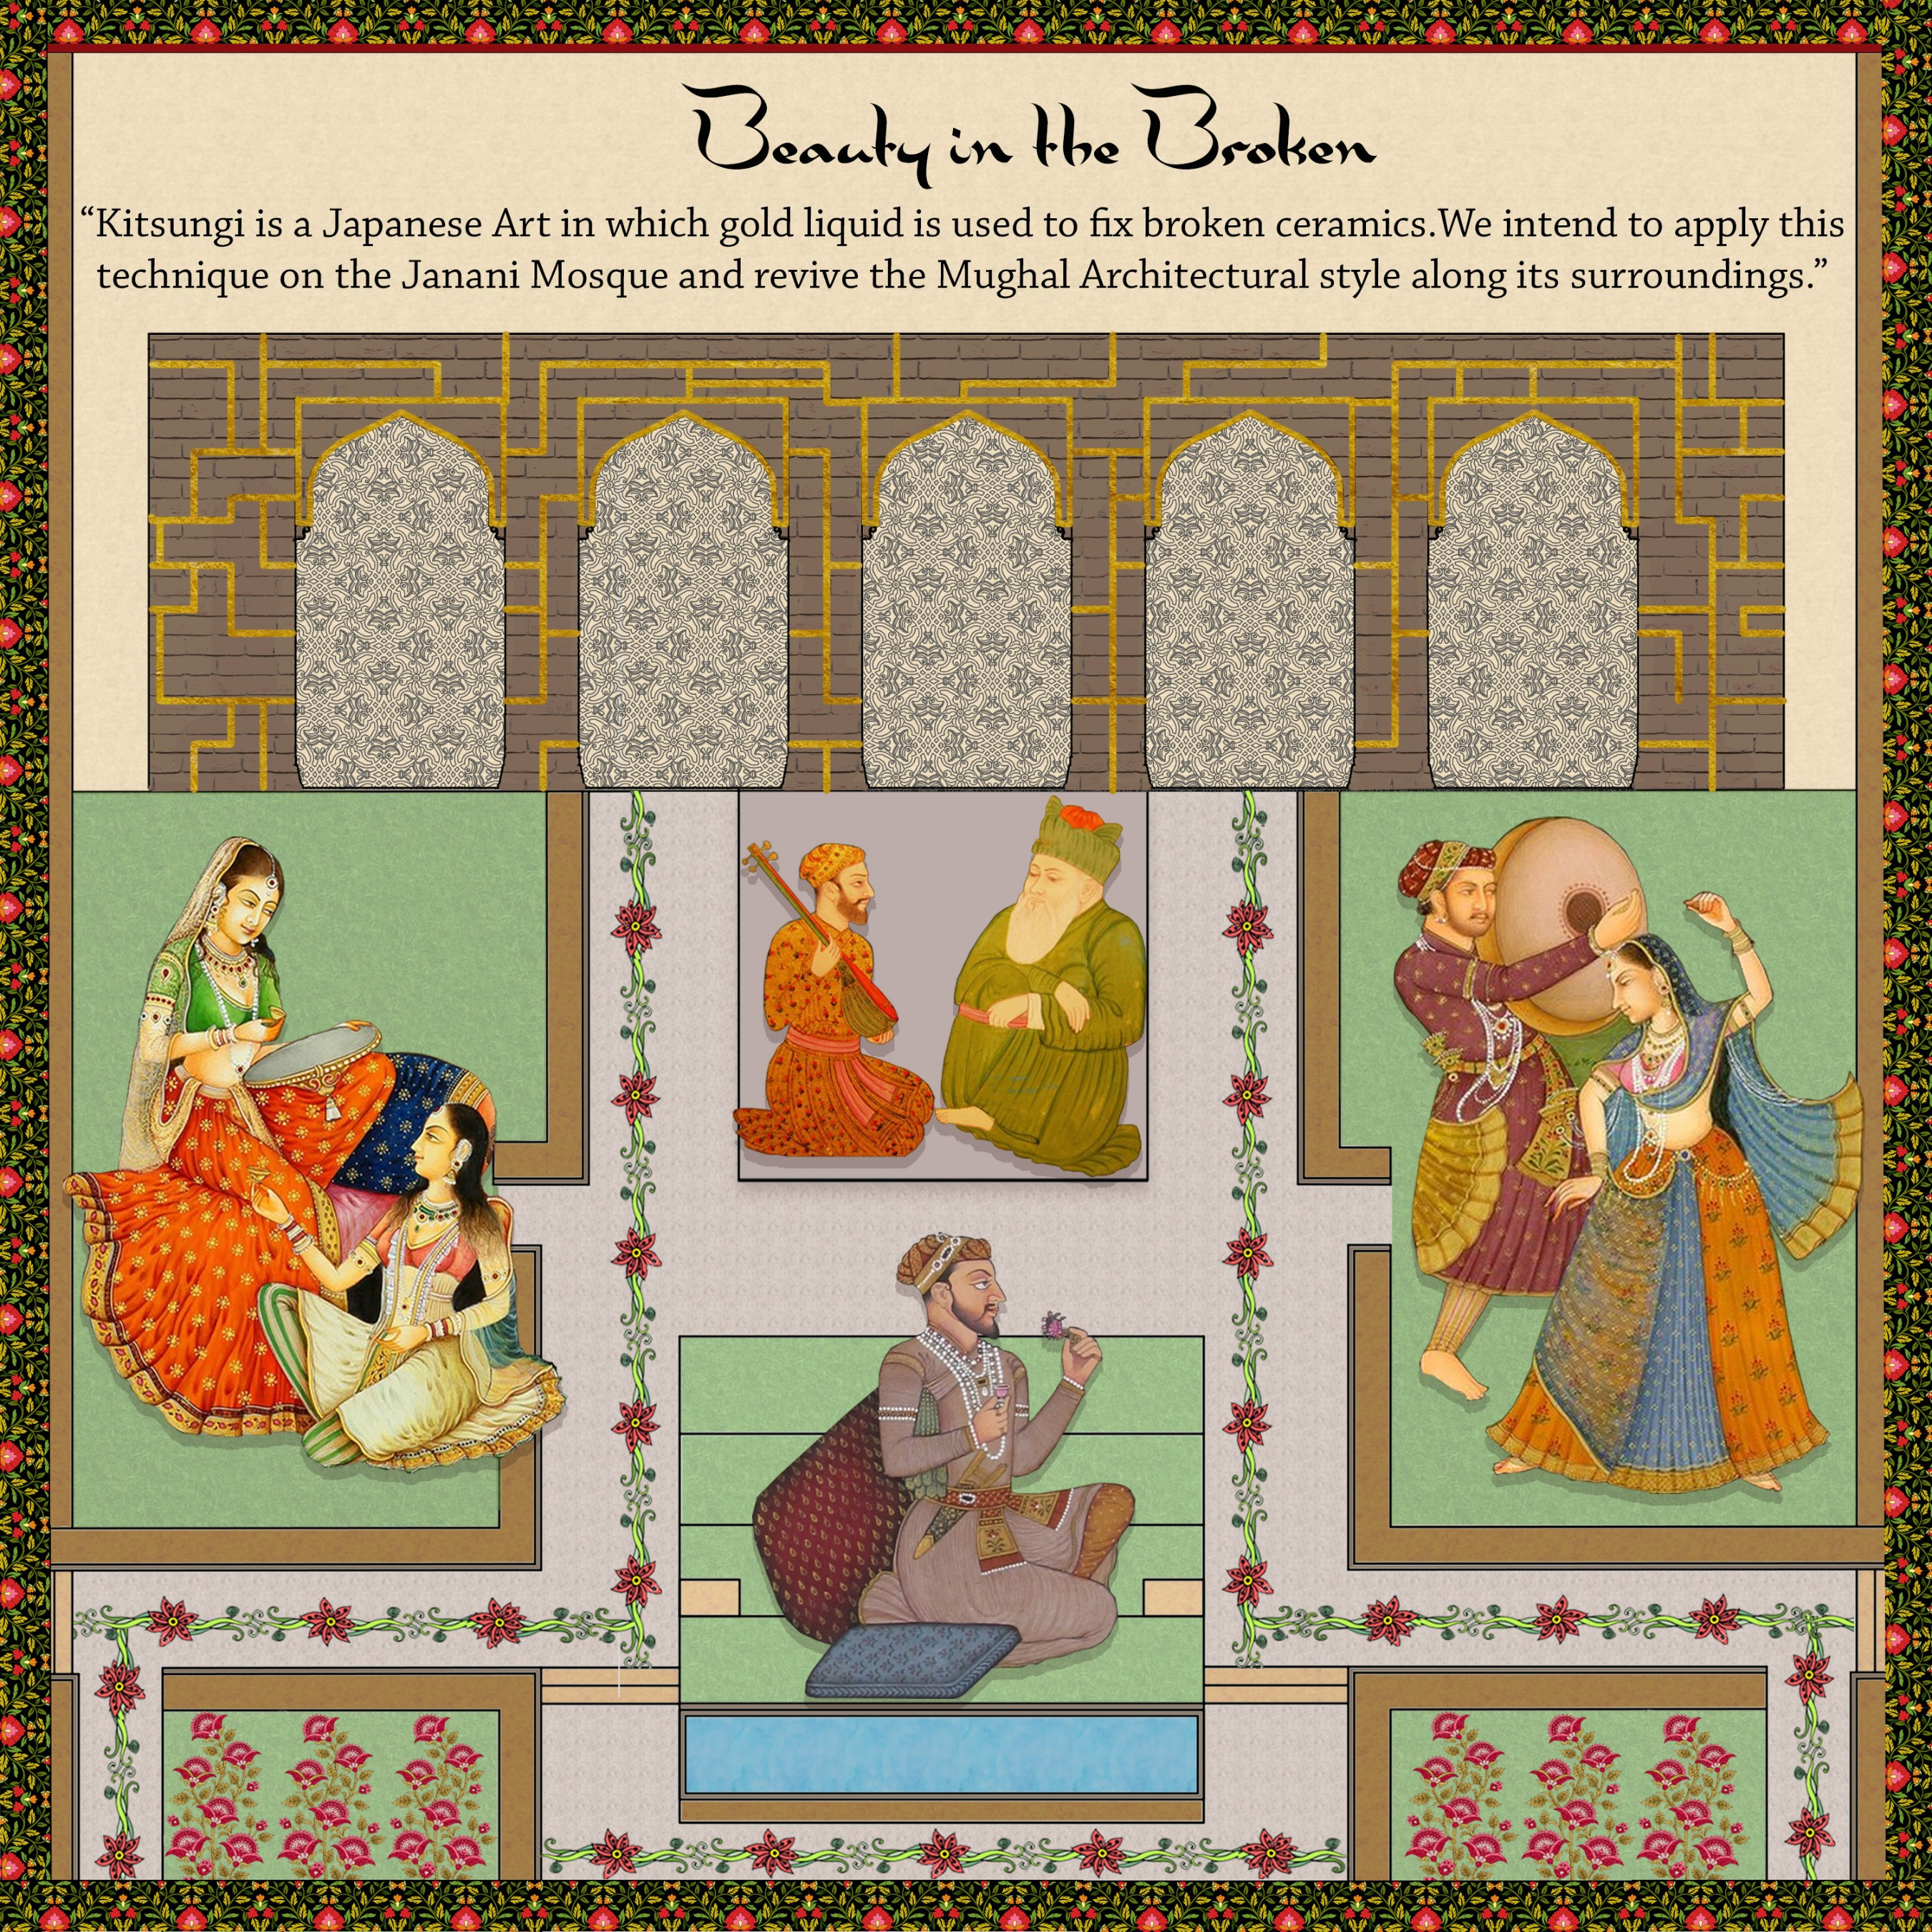 Rishika Sood, Dev Kansana, Vanshika Bitthariya, Brijmohan Kushwah, & Sandeep Dhakar